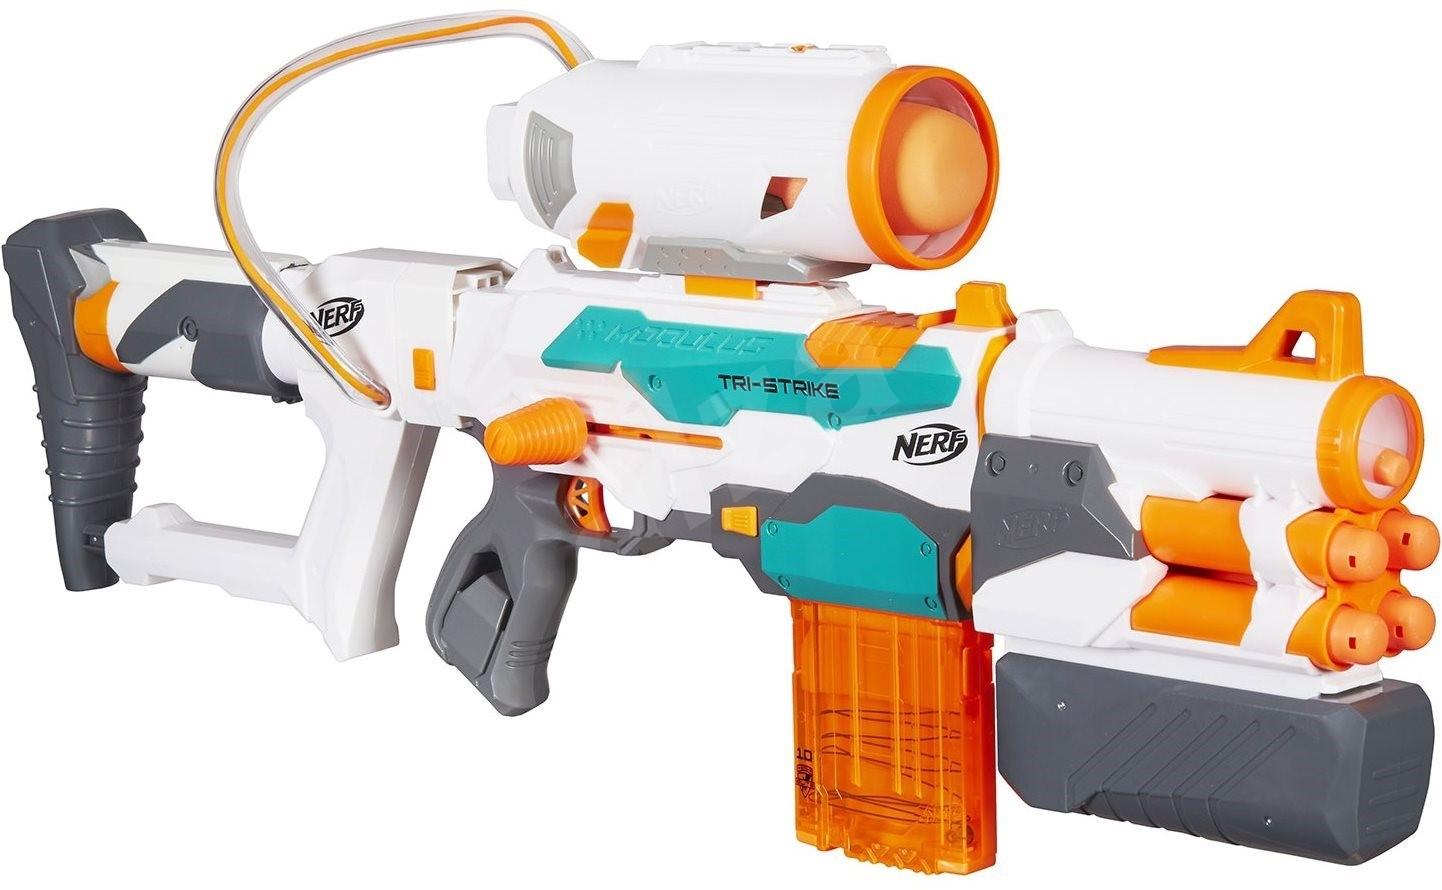 Nerf Modulus - Tri-strike